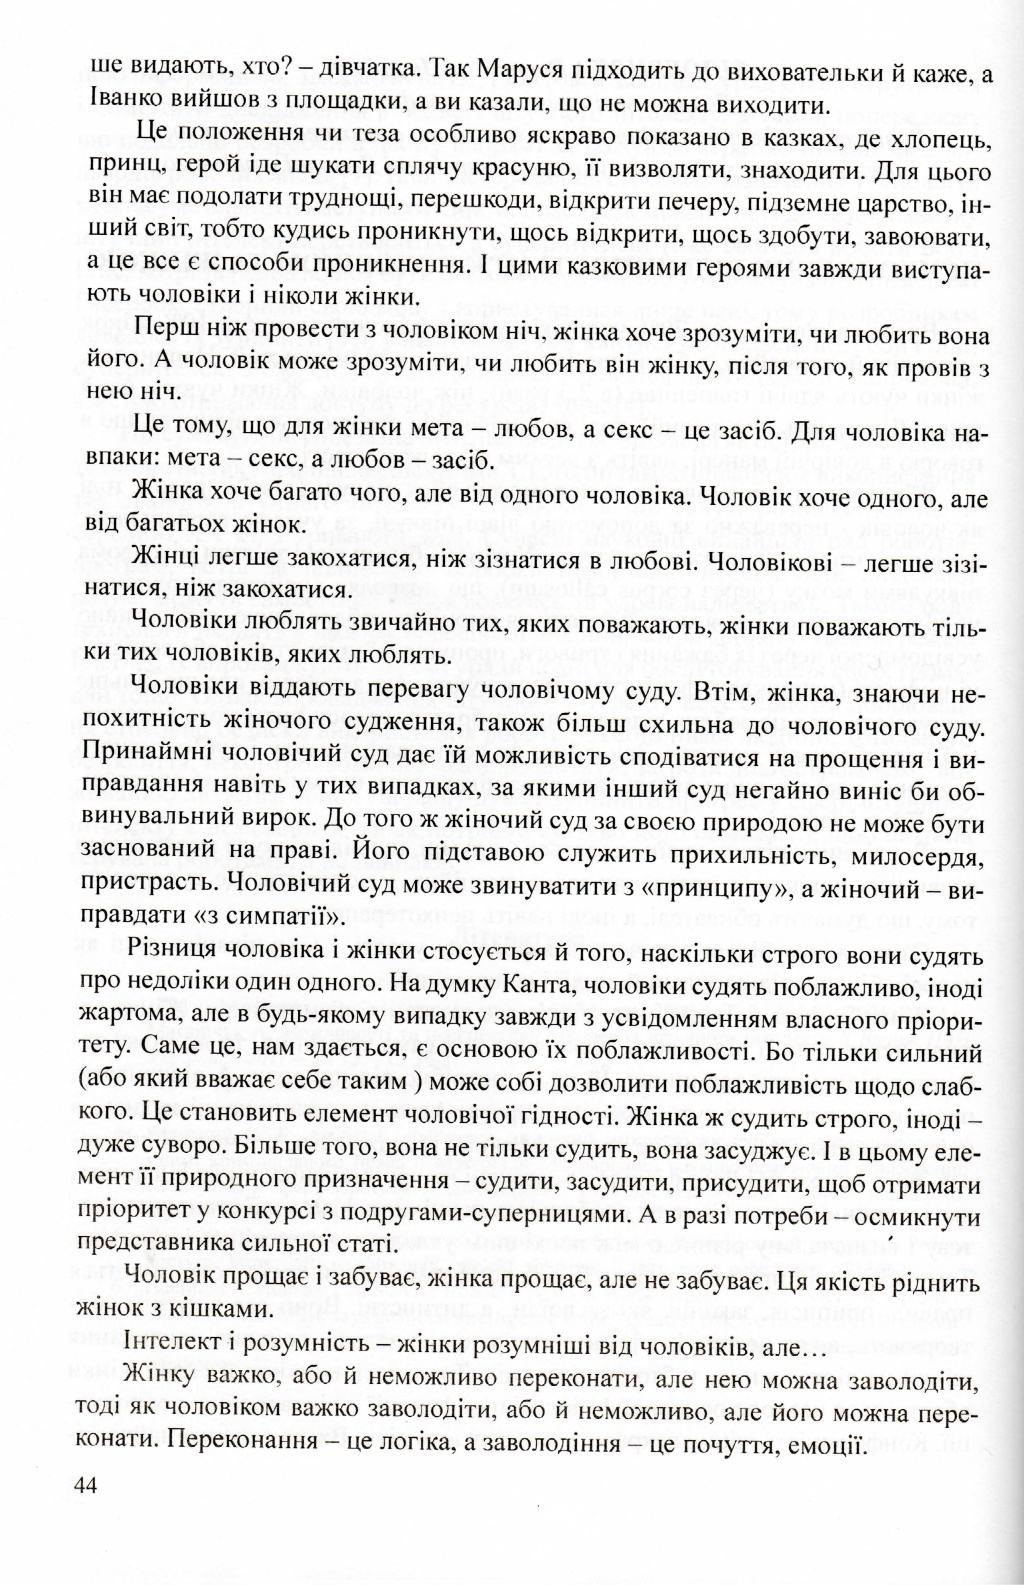 *** 4 Професор Ростислав Білобривка - психічний склад та основна функція жінки – відтворення ***